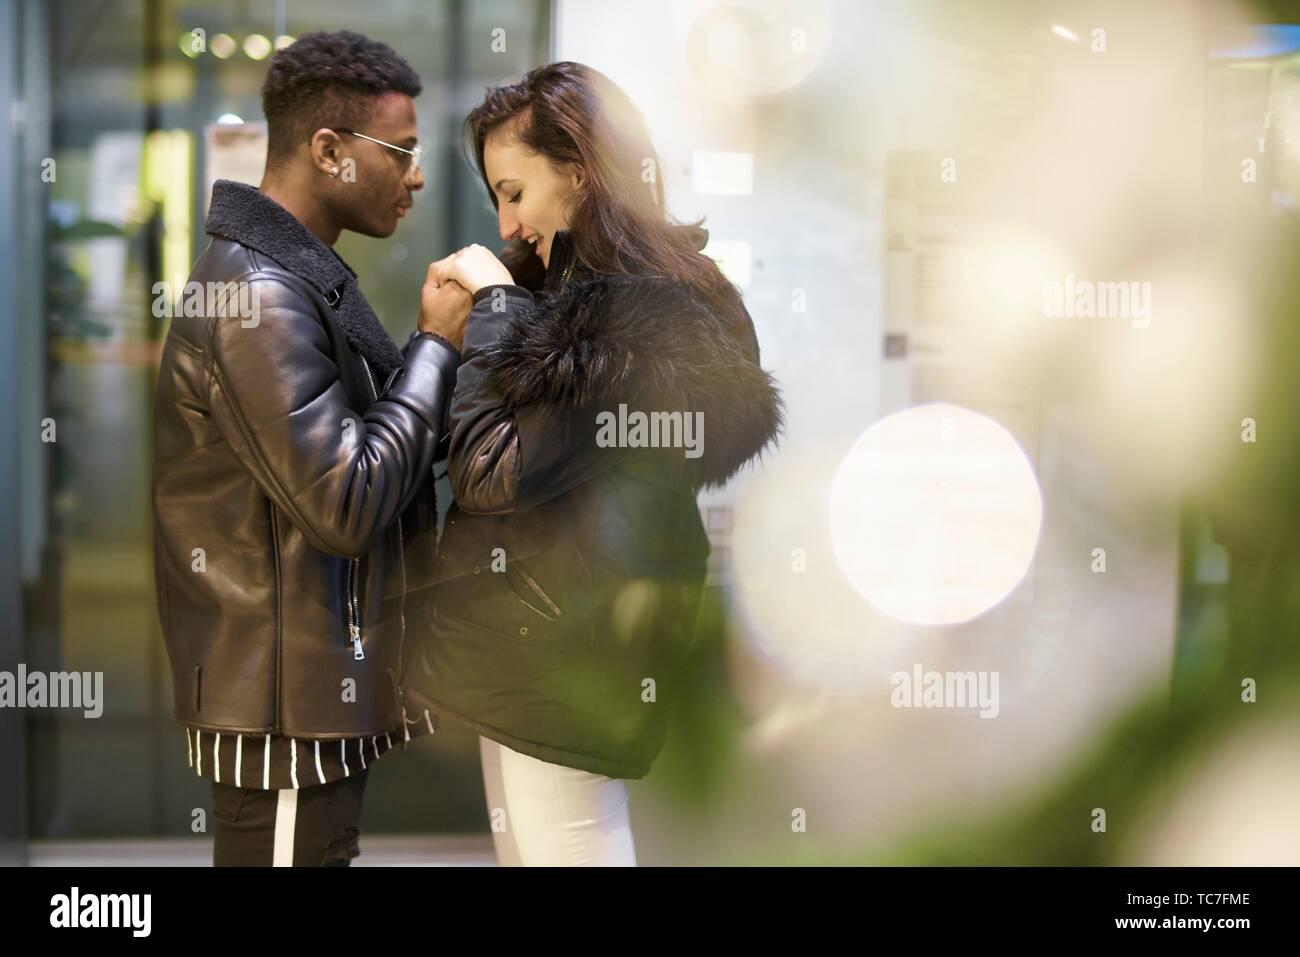 Las manos de la pareja, en Munich, Alemania. Foto de stock